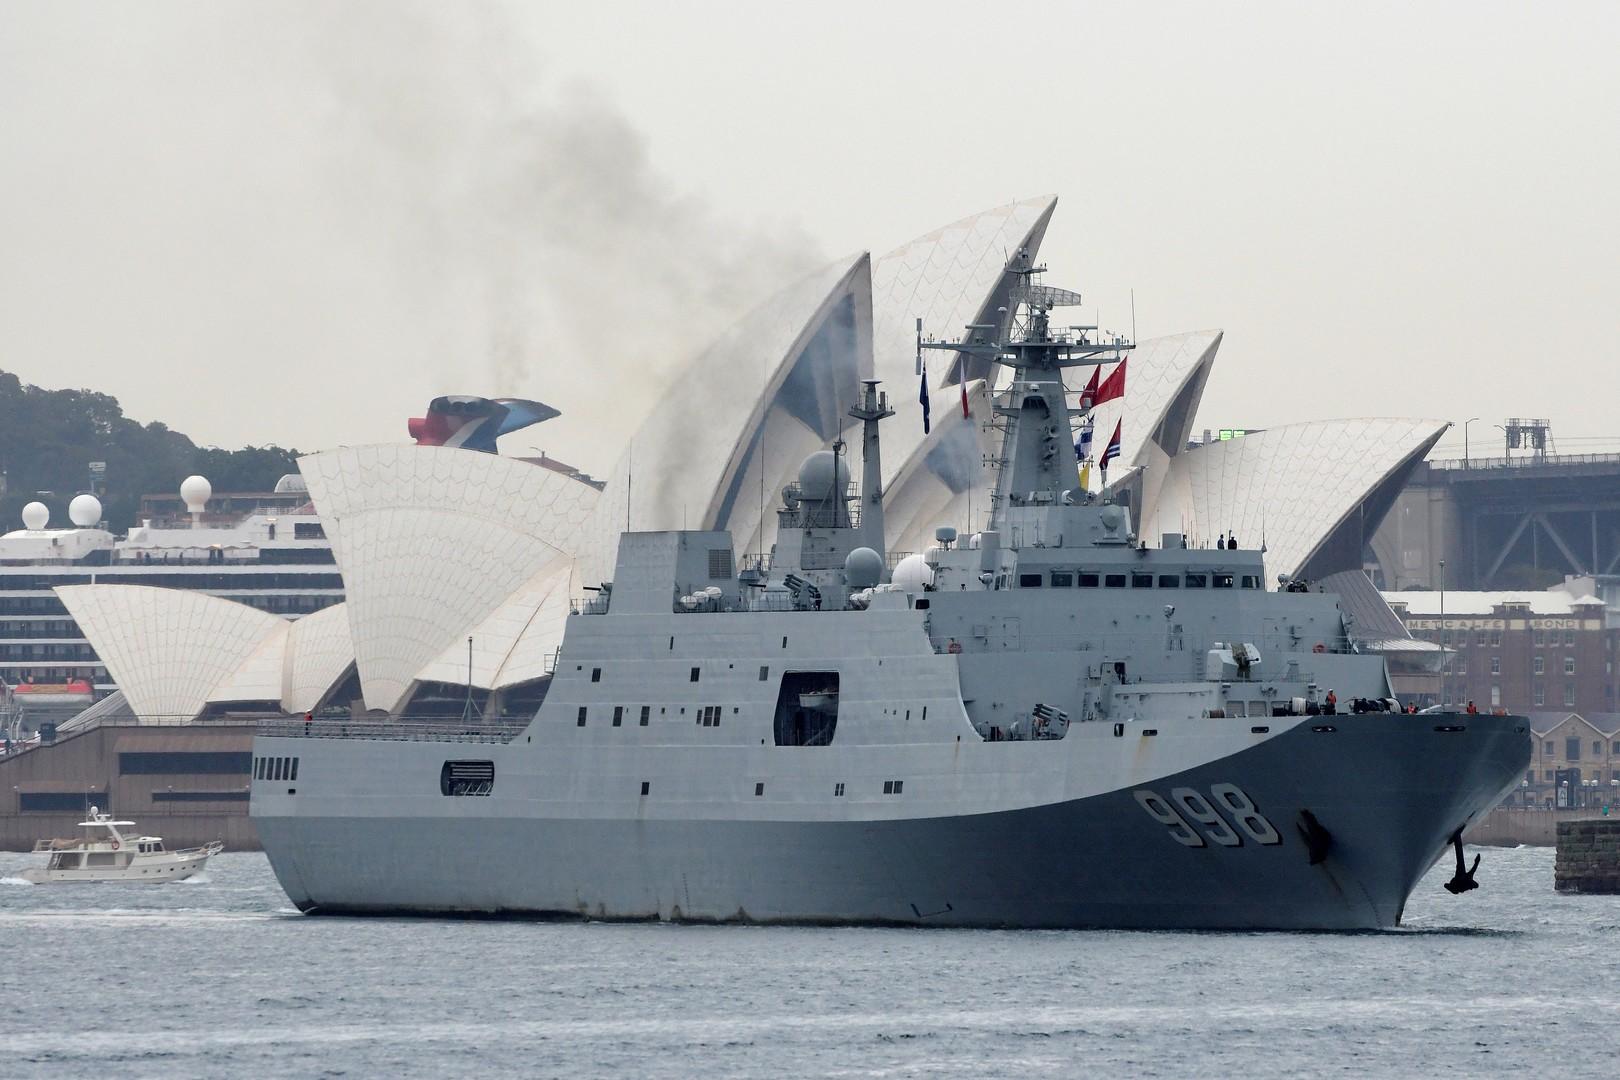 سفن حربية صينية في سيدني تثير غضب الأستراليين